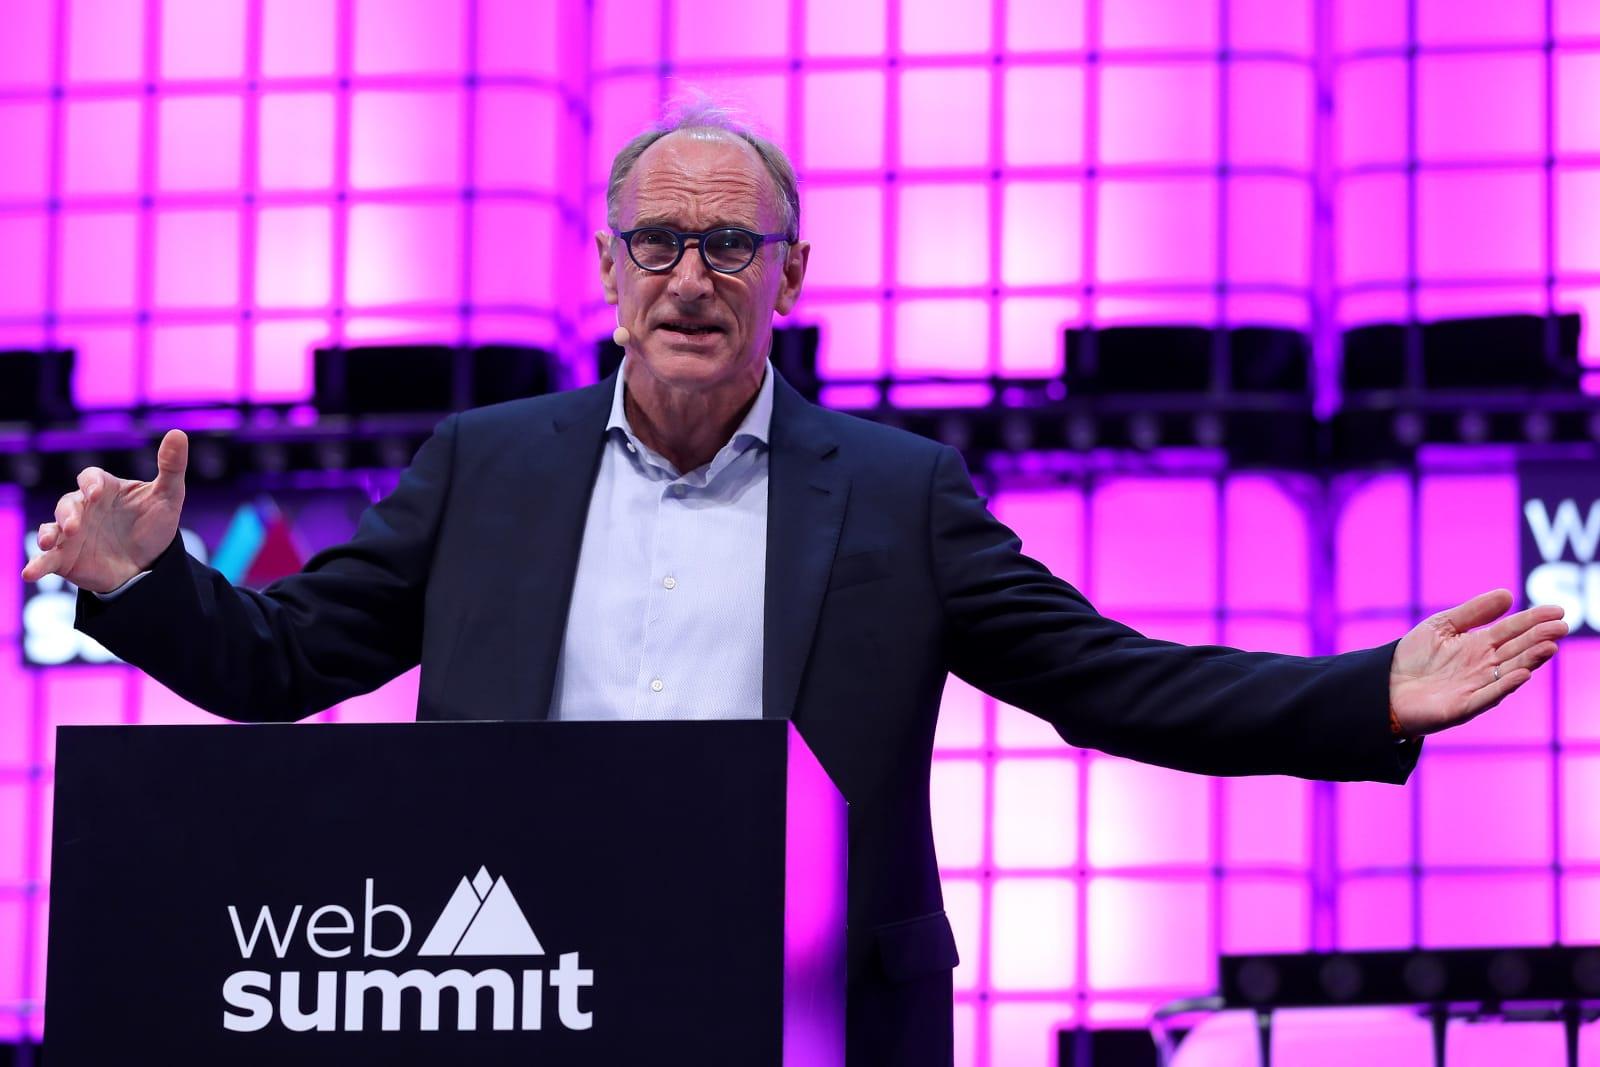 Portugal: Web Summit 2018 - Day 1